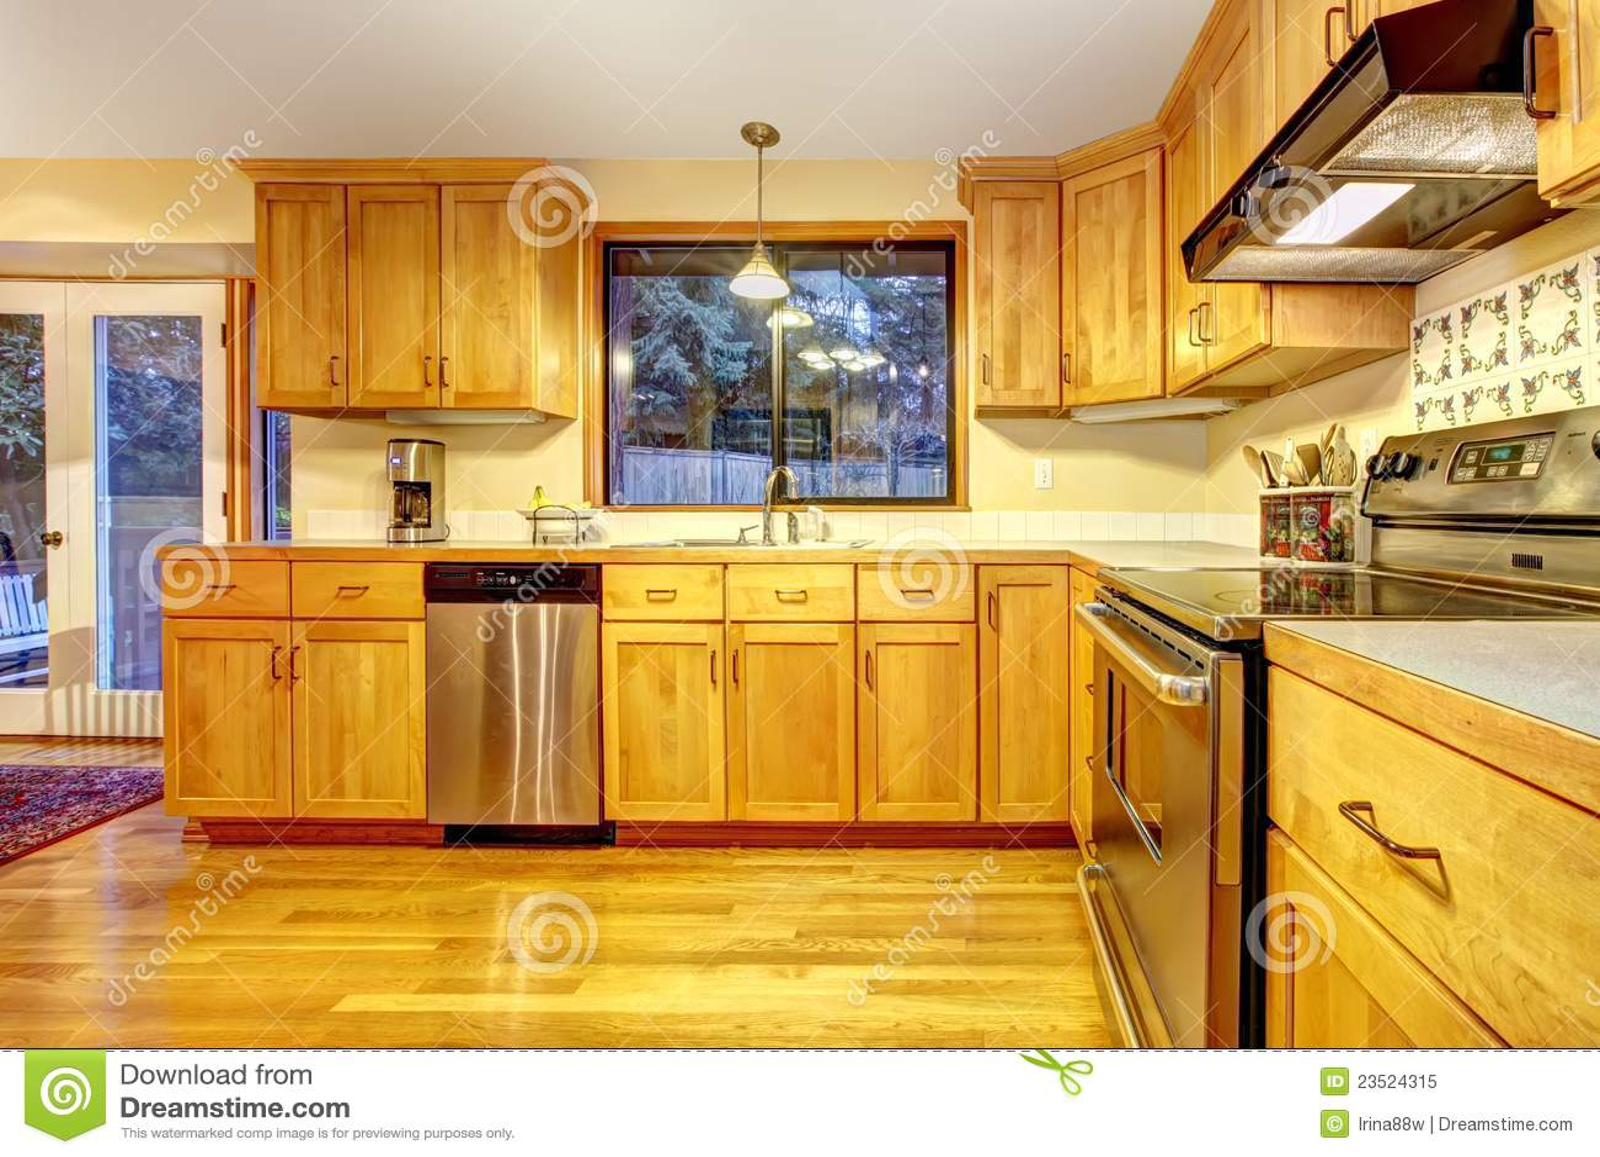 Cuisine en bois d 39 or avec le plancher en bois dur photo for Plancher cuisine bois